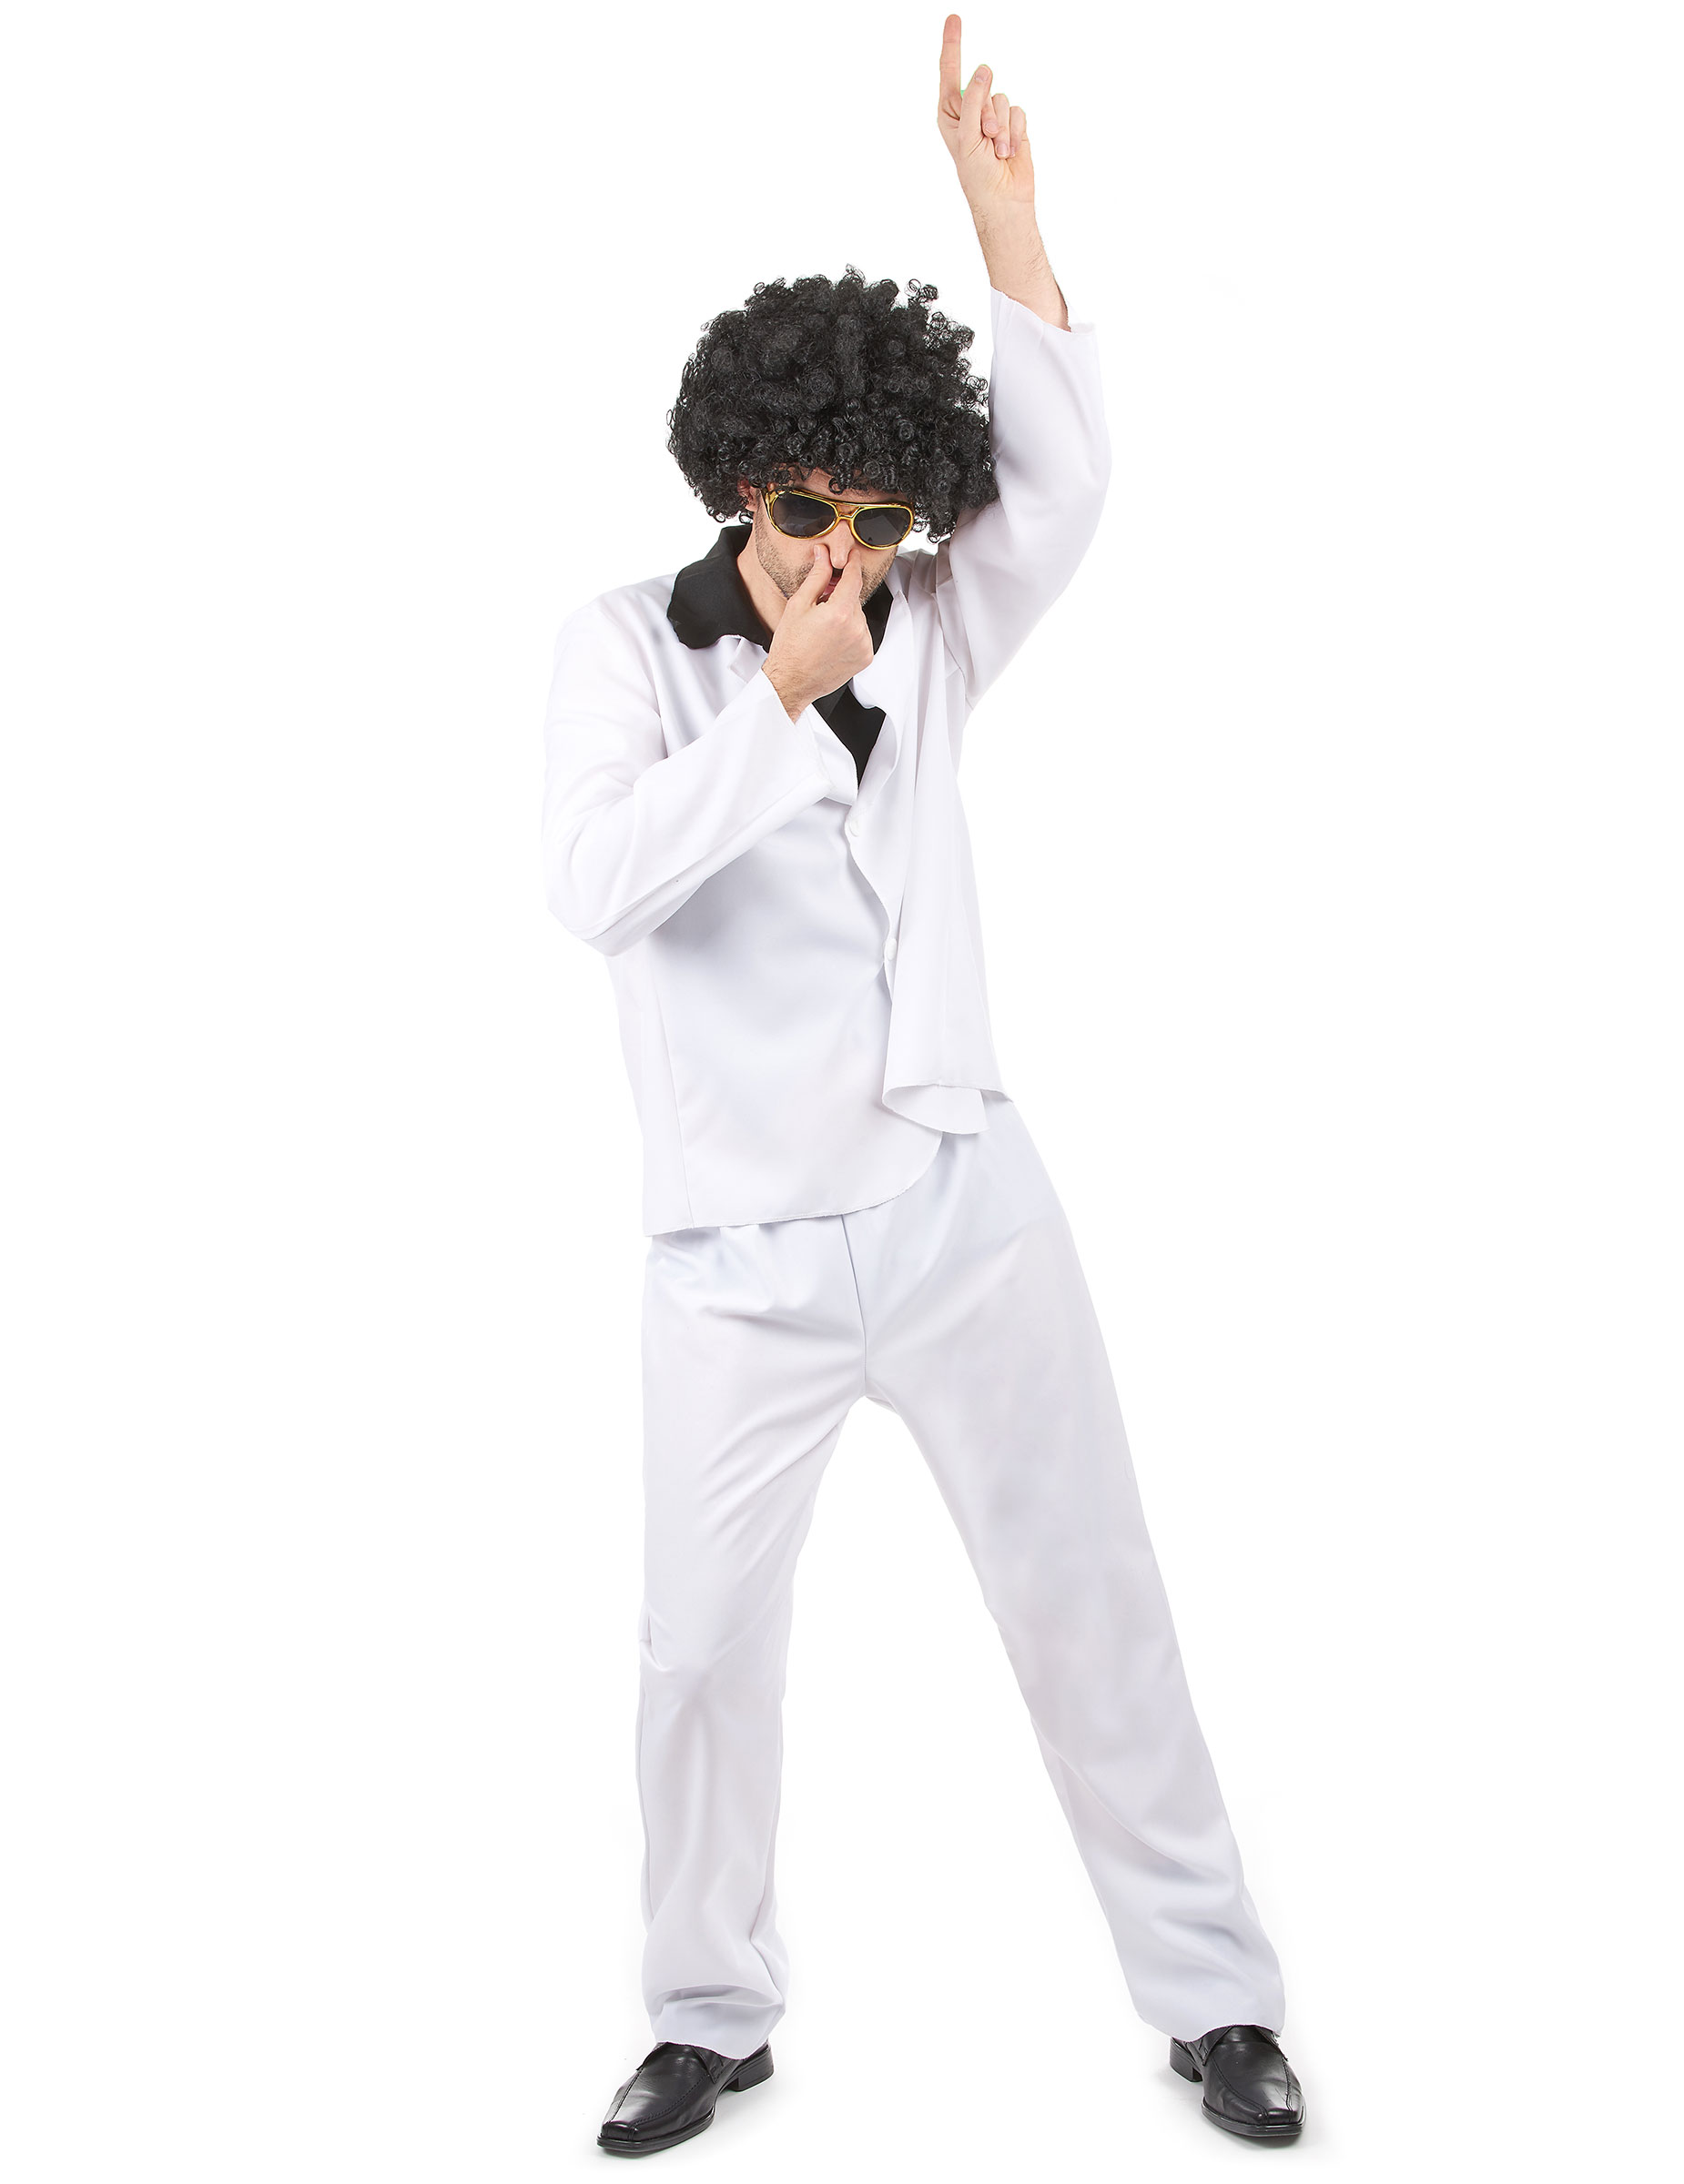 D guisement disco homme costume blanc chemise noire deguise toi achat de d guisements adultes - Chemise costume homme ...